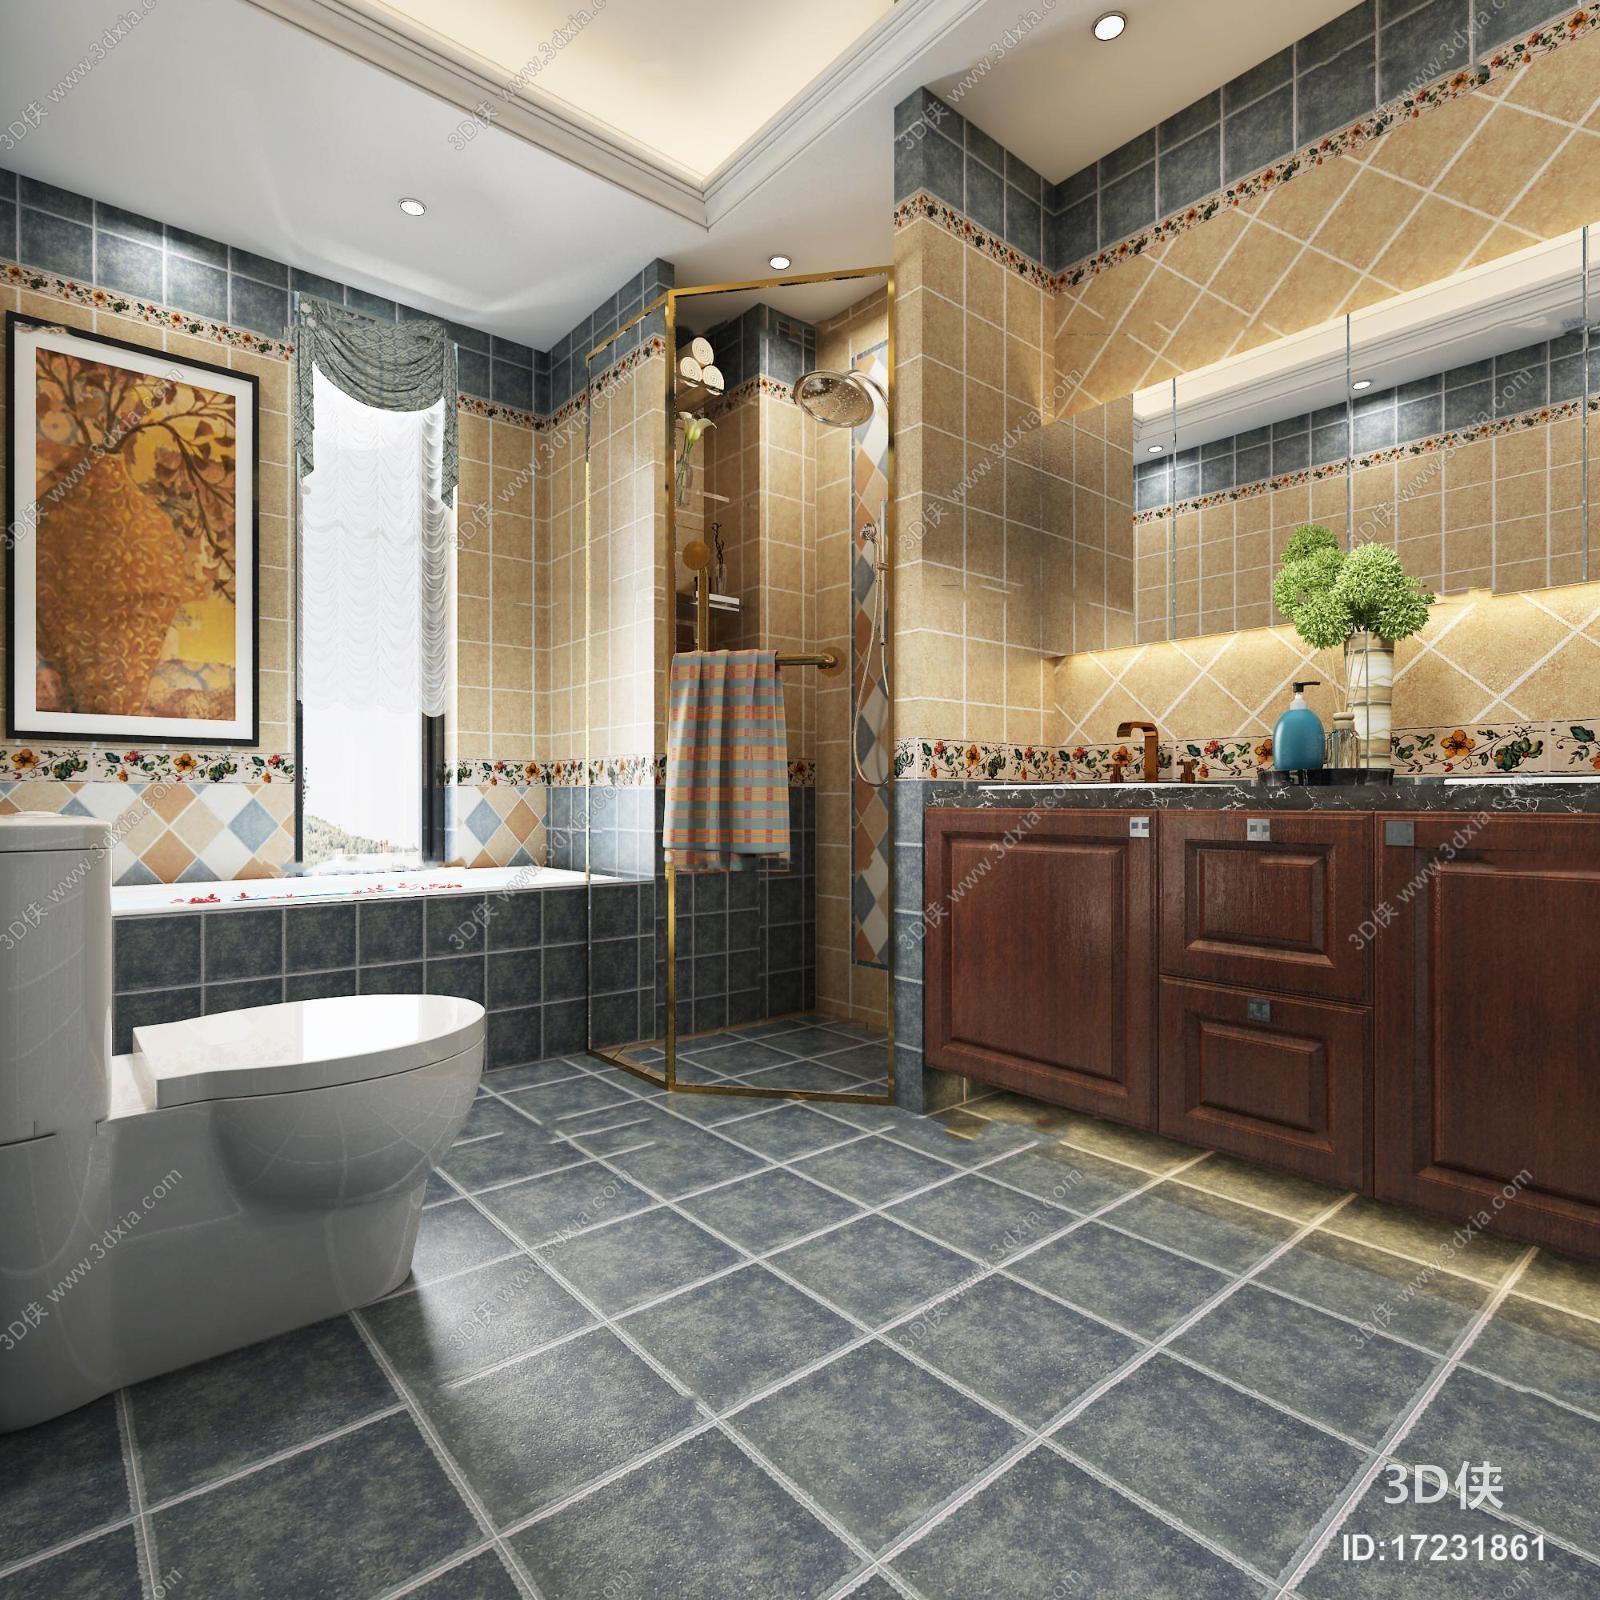 厨卫效果图素材免费下载,本作品主题是美式浴室卫生间3d模型,编号是17